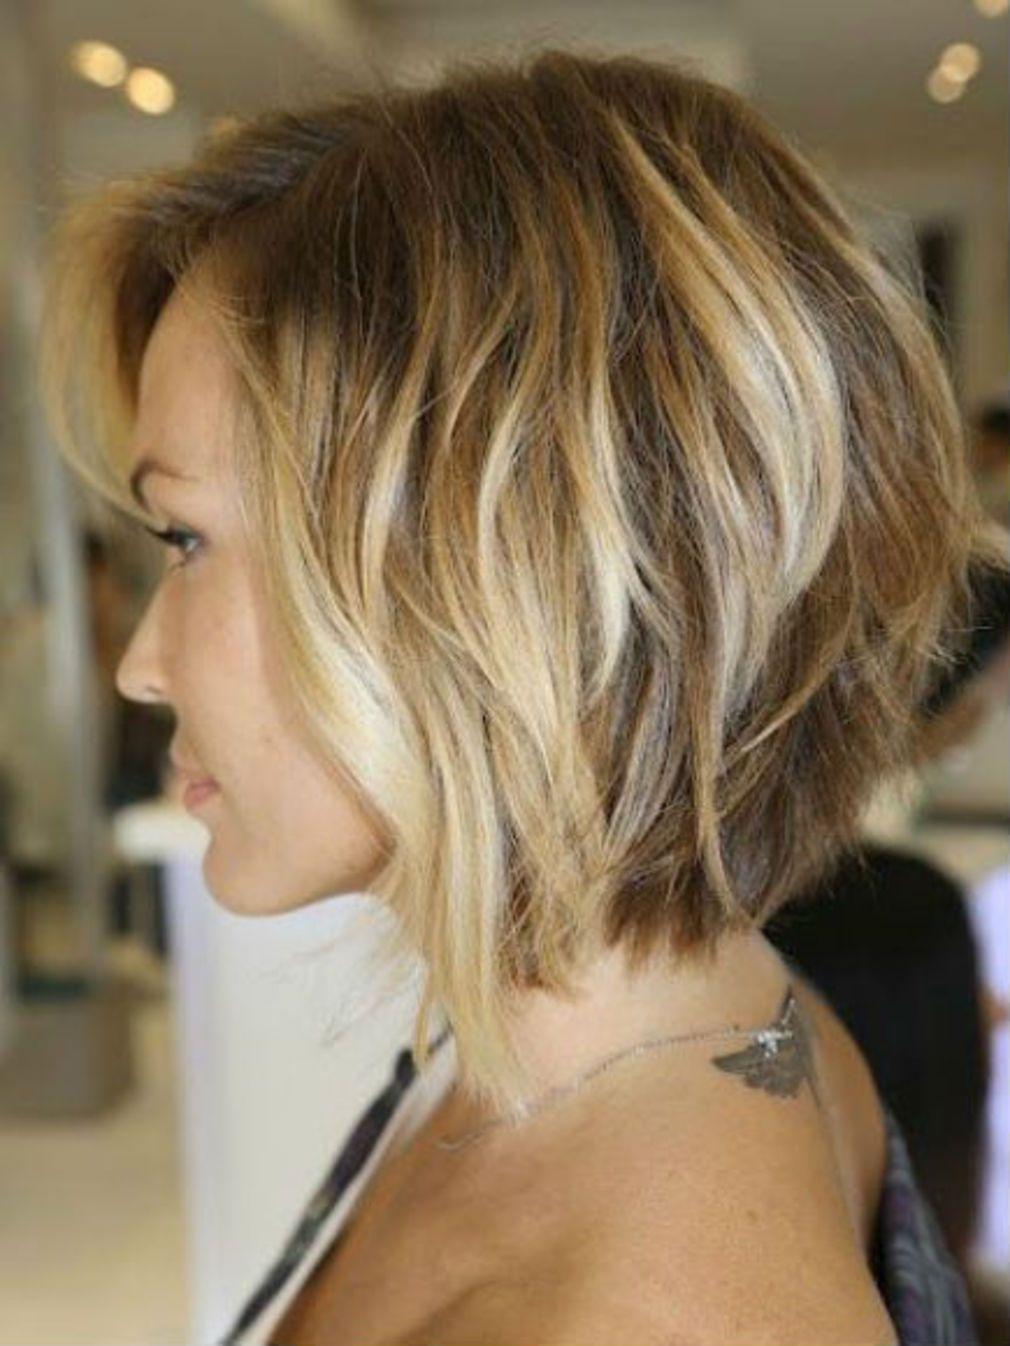 Carre Plongeant Degrade Sur Cheveux Blonds Carre Plongeant Degrade 30 Modeles Tendance Coiffure Coiffure Carre Degrade Coupe De Cheveux